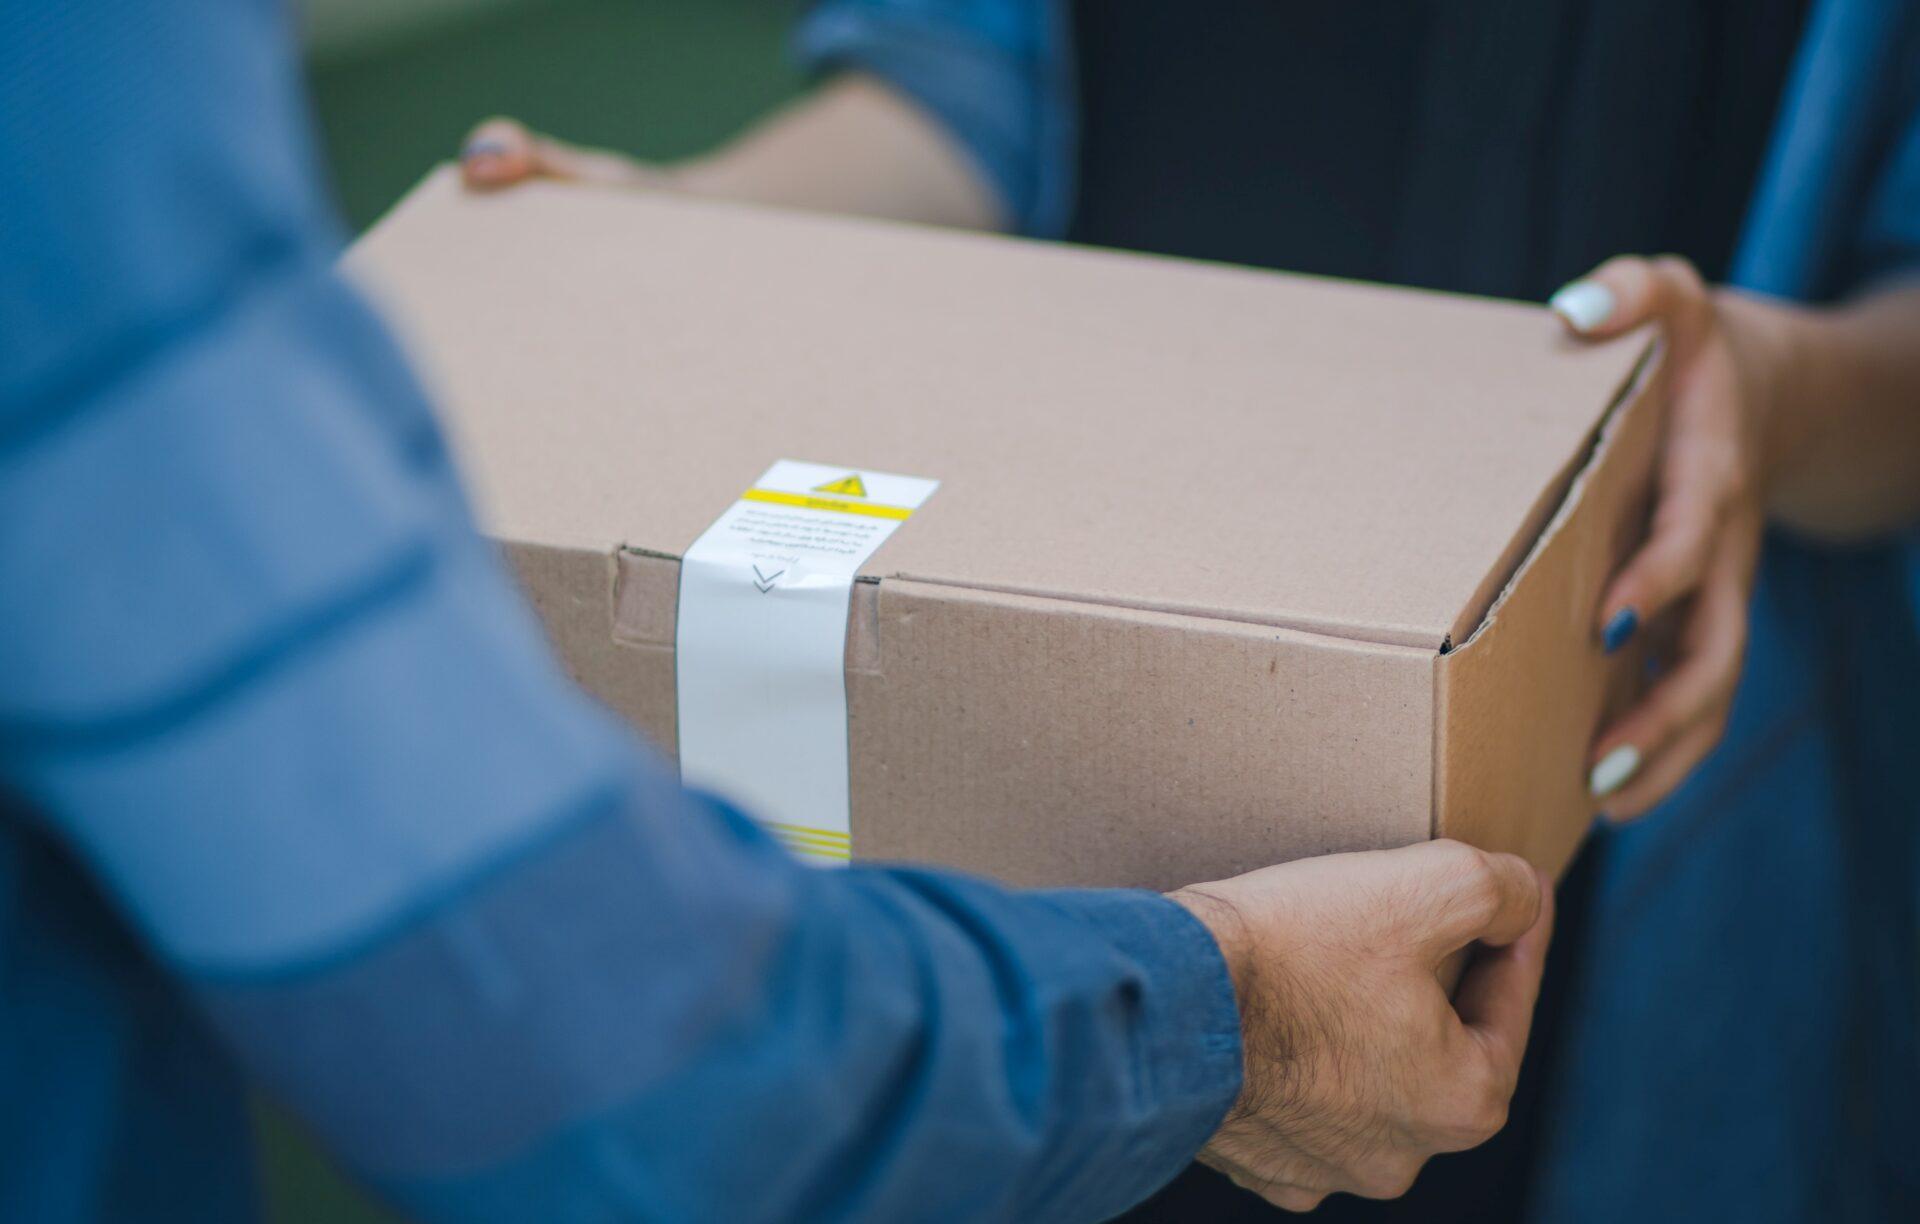 KJB Deutschland Shop: Paket wird übergeben